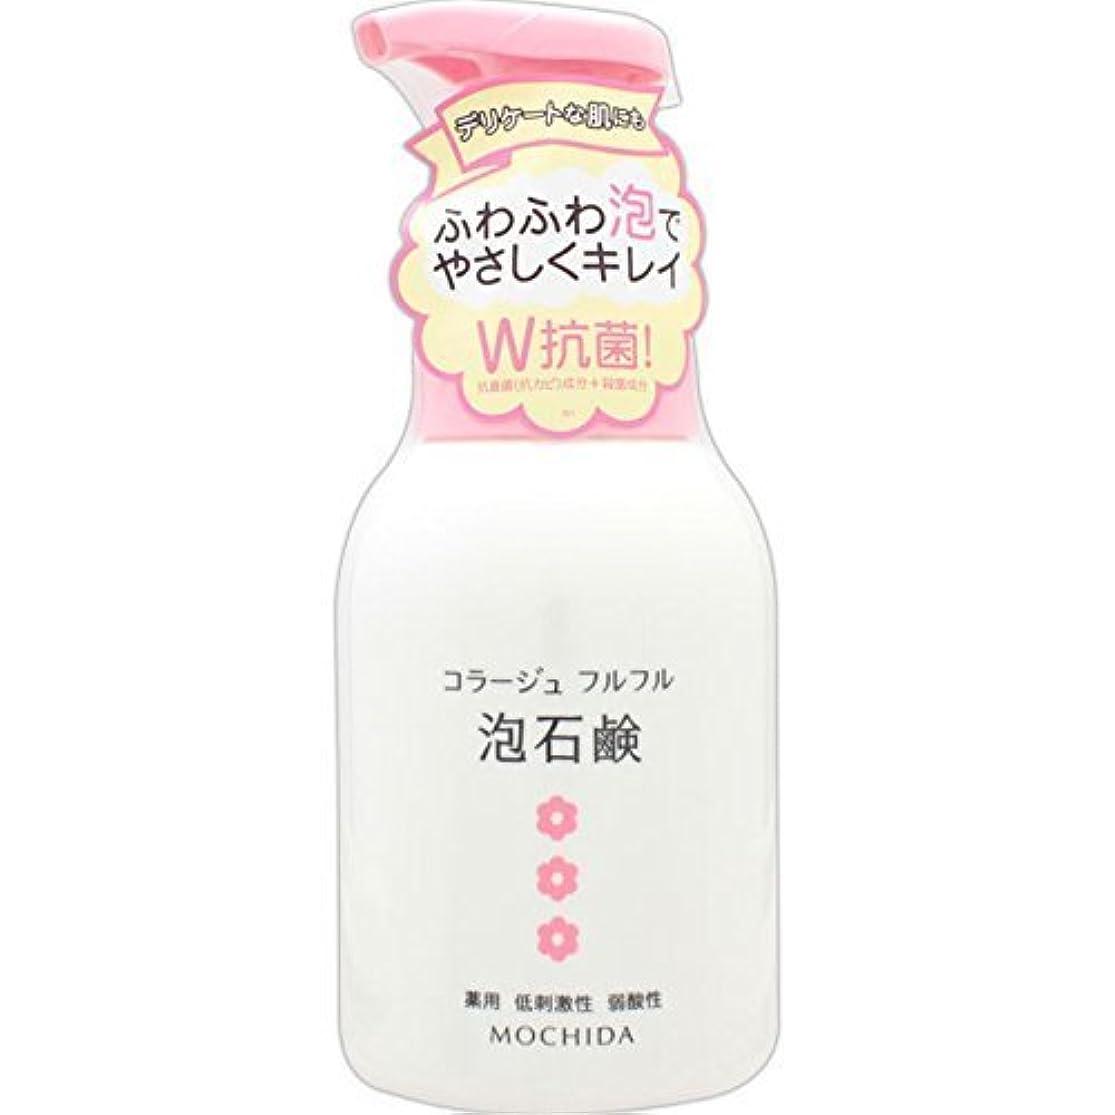 謝罪するフクロウ間違いコラージュフルフル 泡石鹸 ピンク 300m L (医薬部外品) ×5